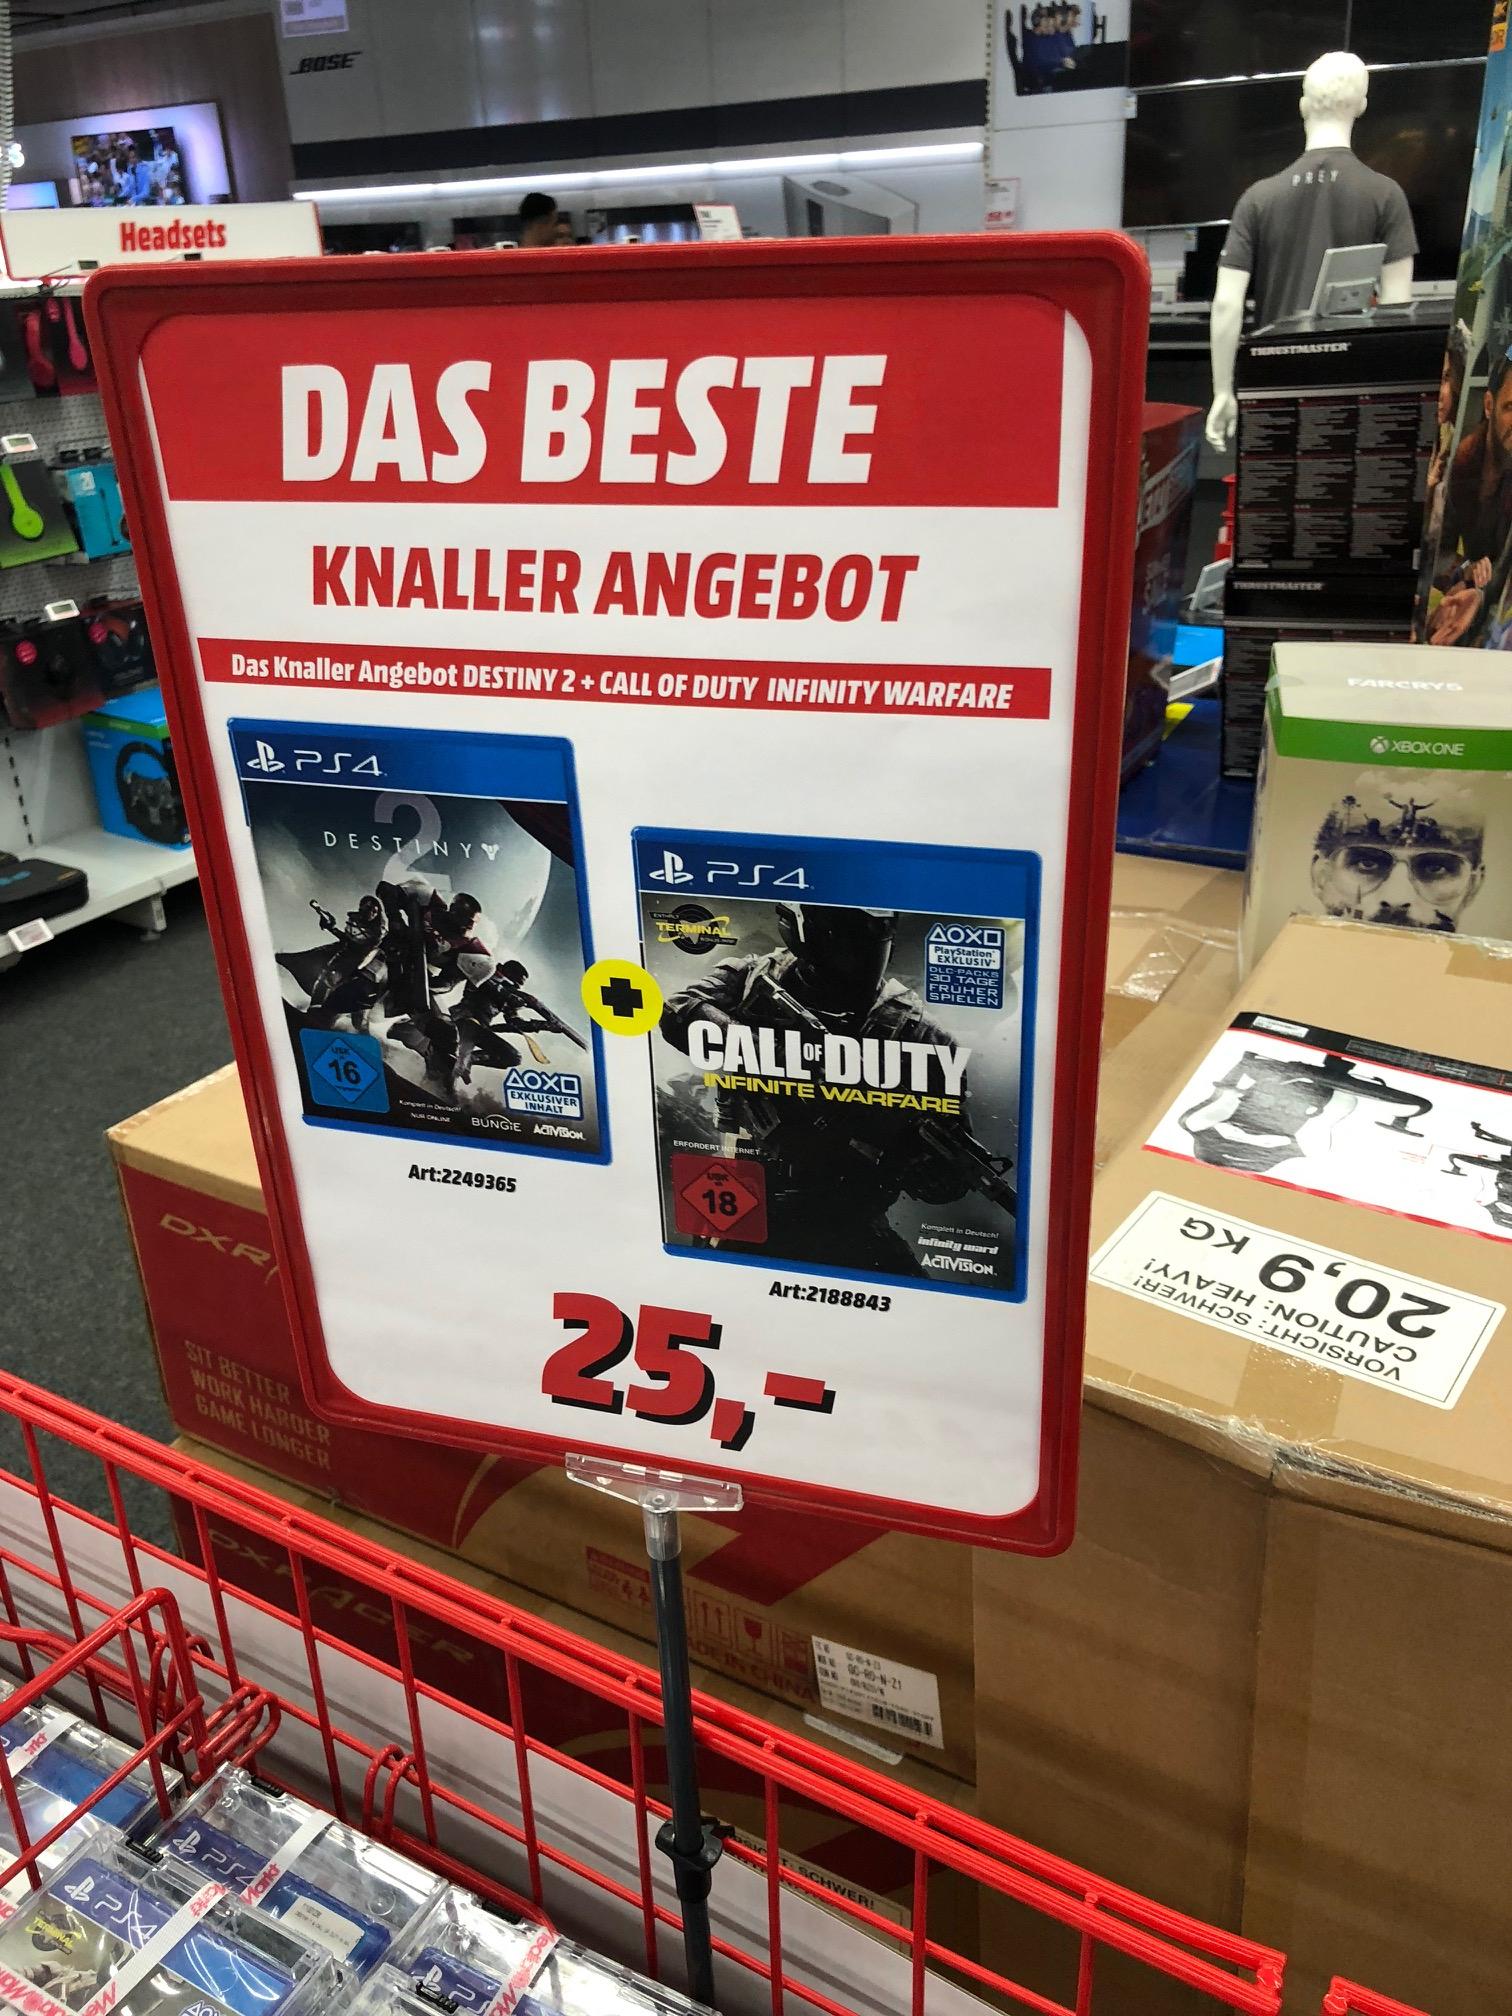 Media Markt / Düsseldorf Arcaden / Grabbeltisch Sammeldeal / LOKAL / Destiny 2 - PC 7€ / Fallout 4 - PC 7€ und viele mehr